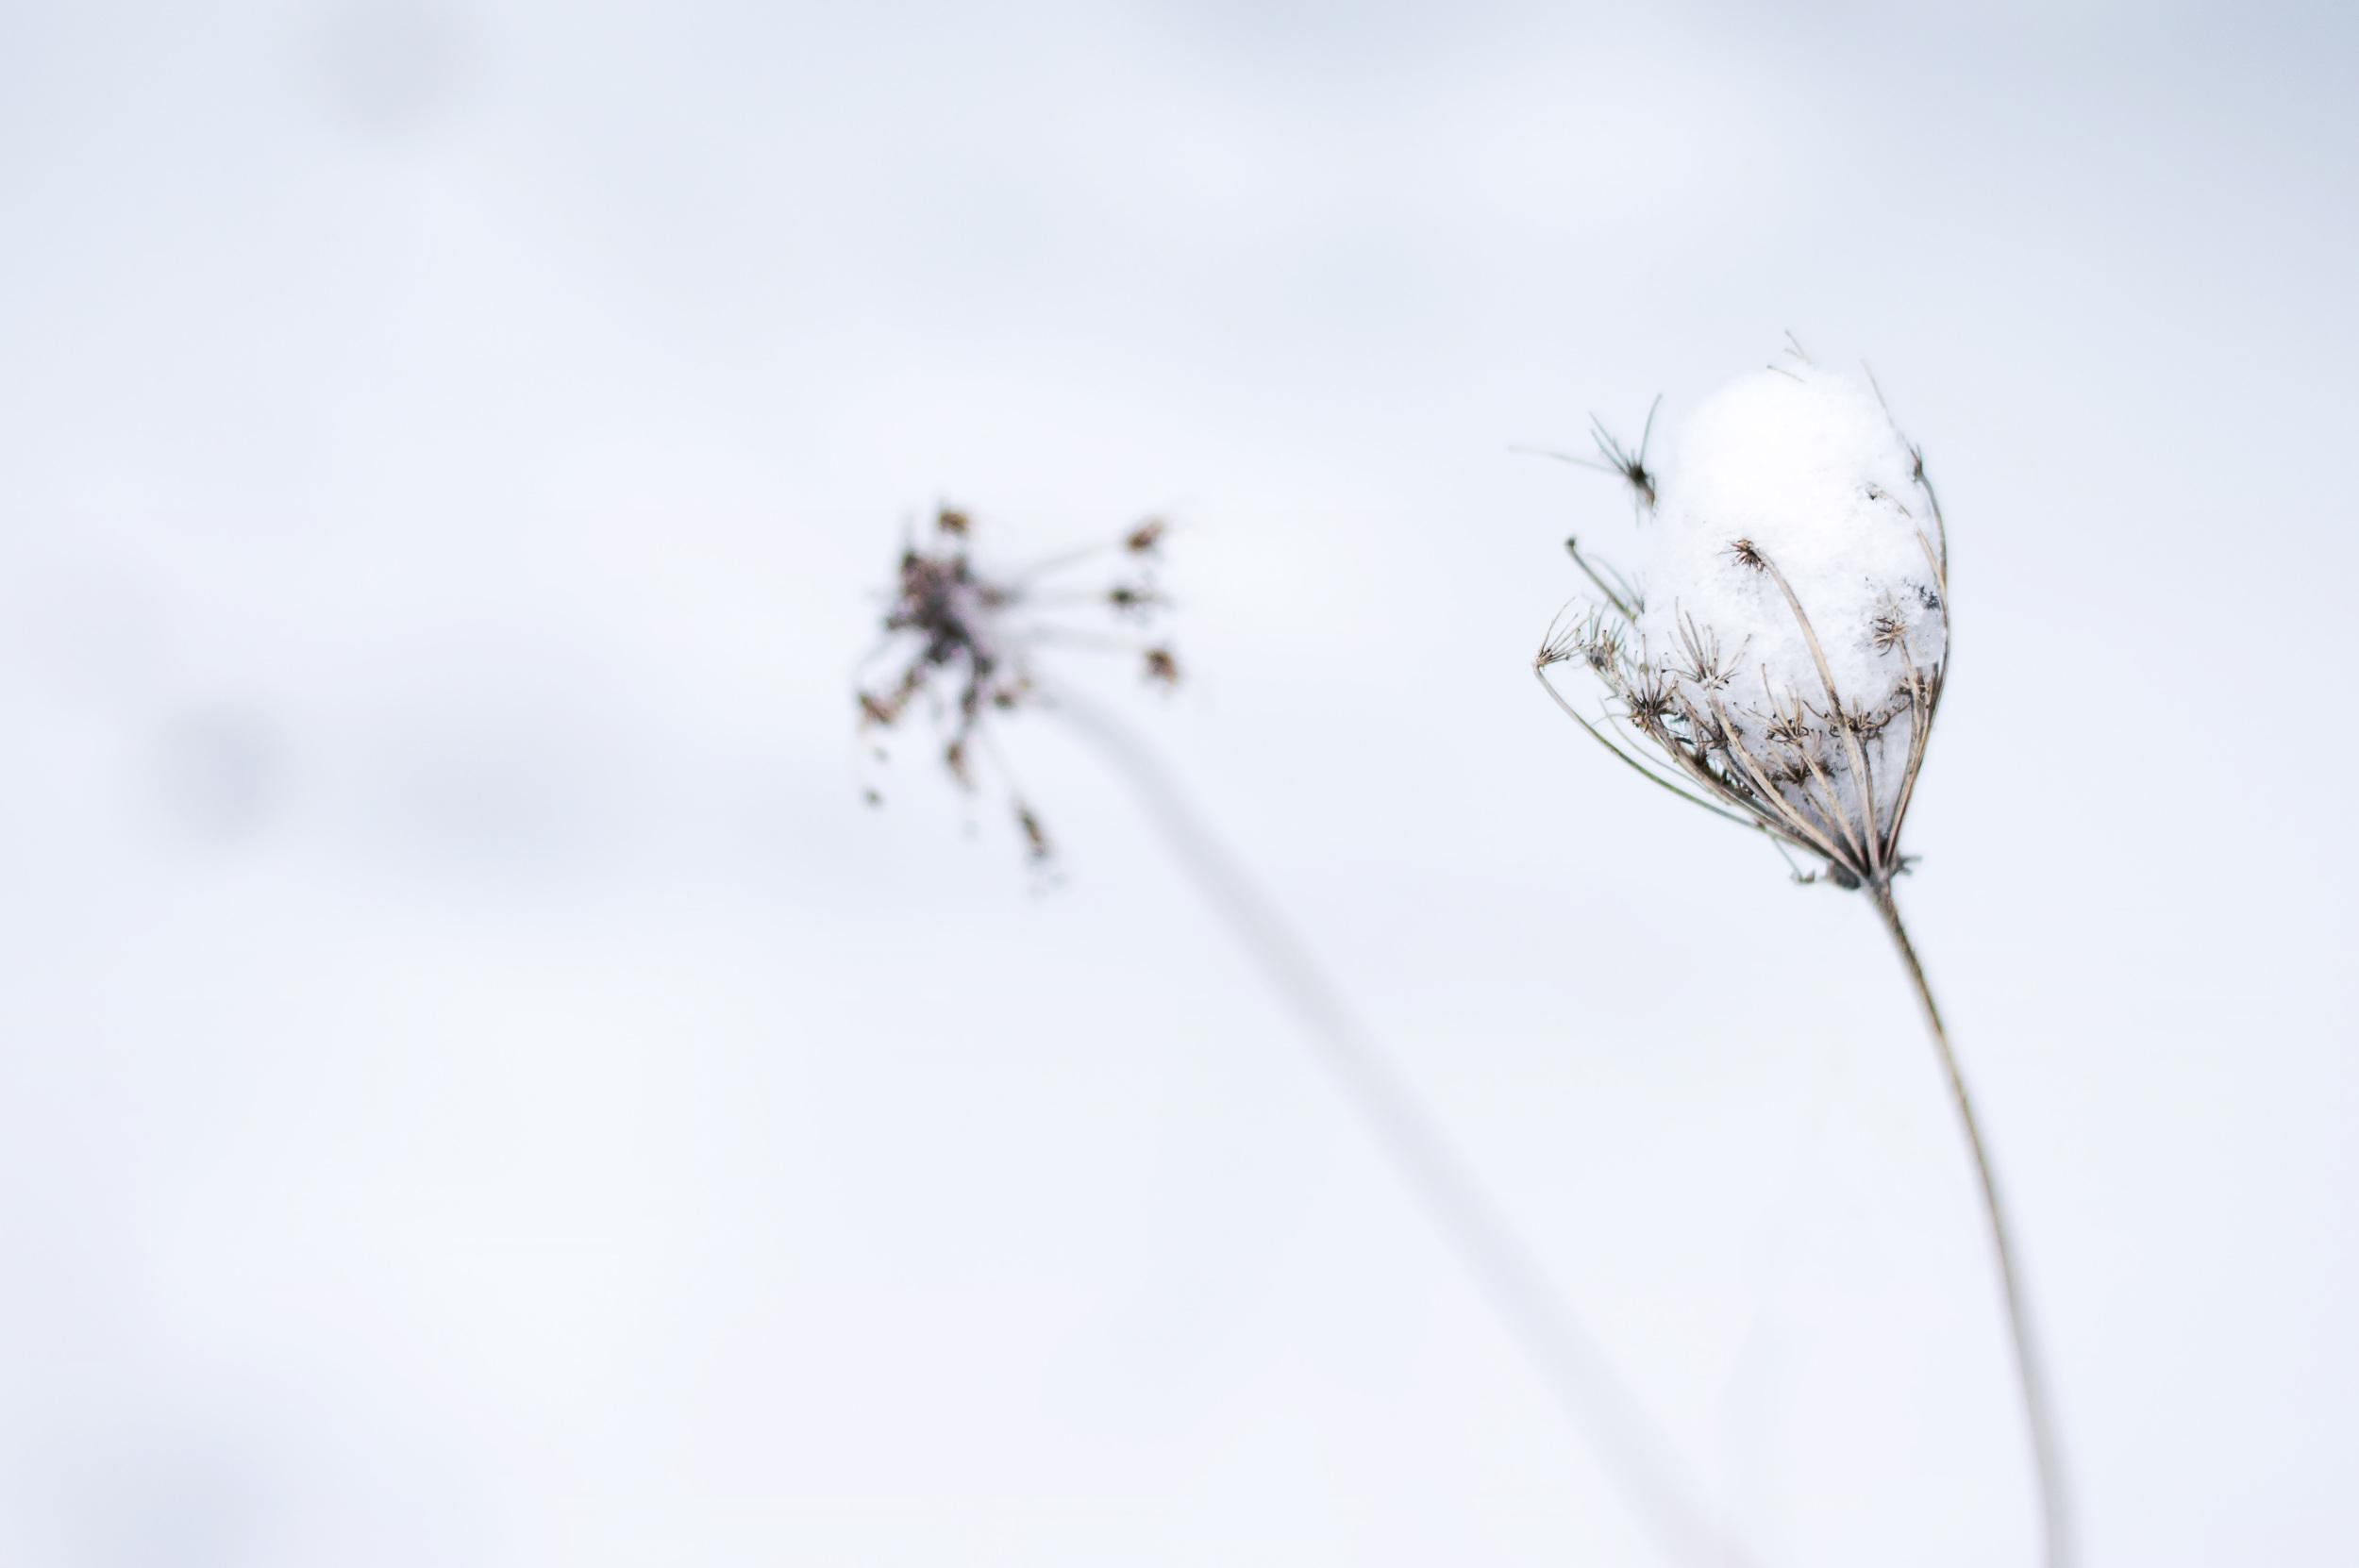 Purity © Deena Roth Photography